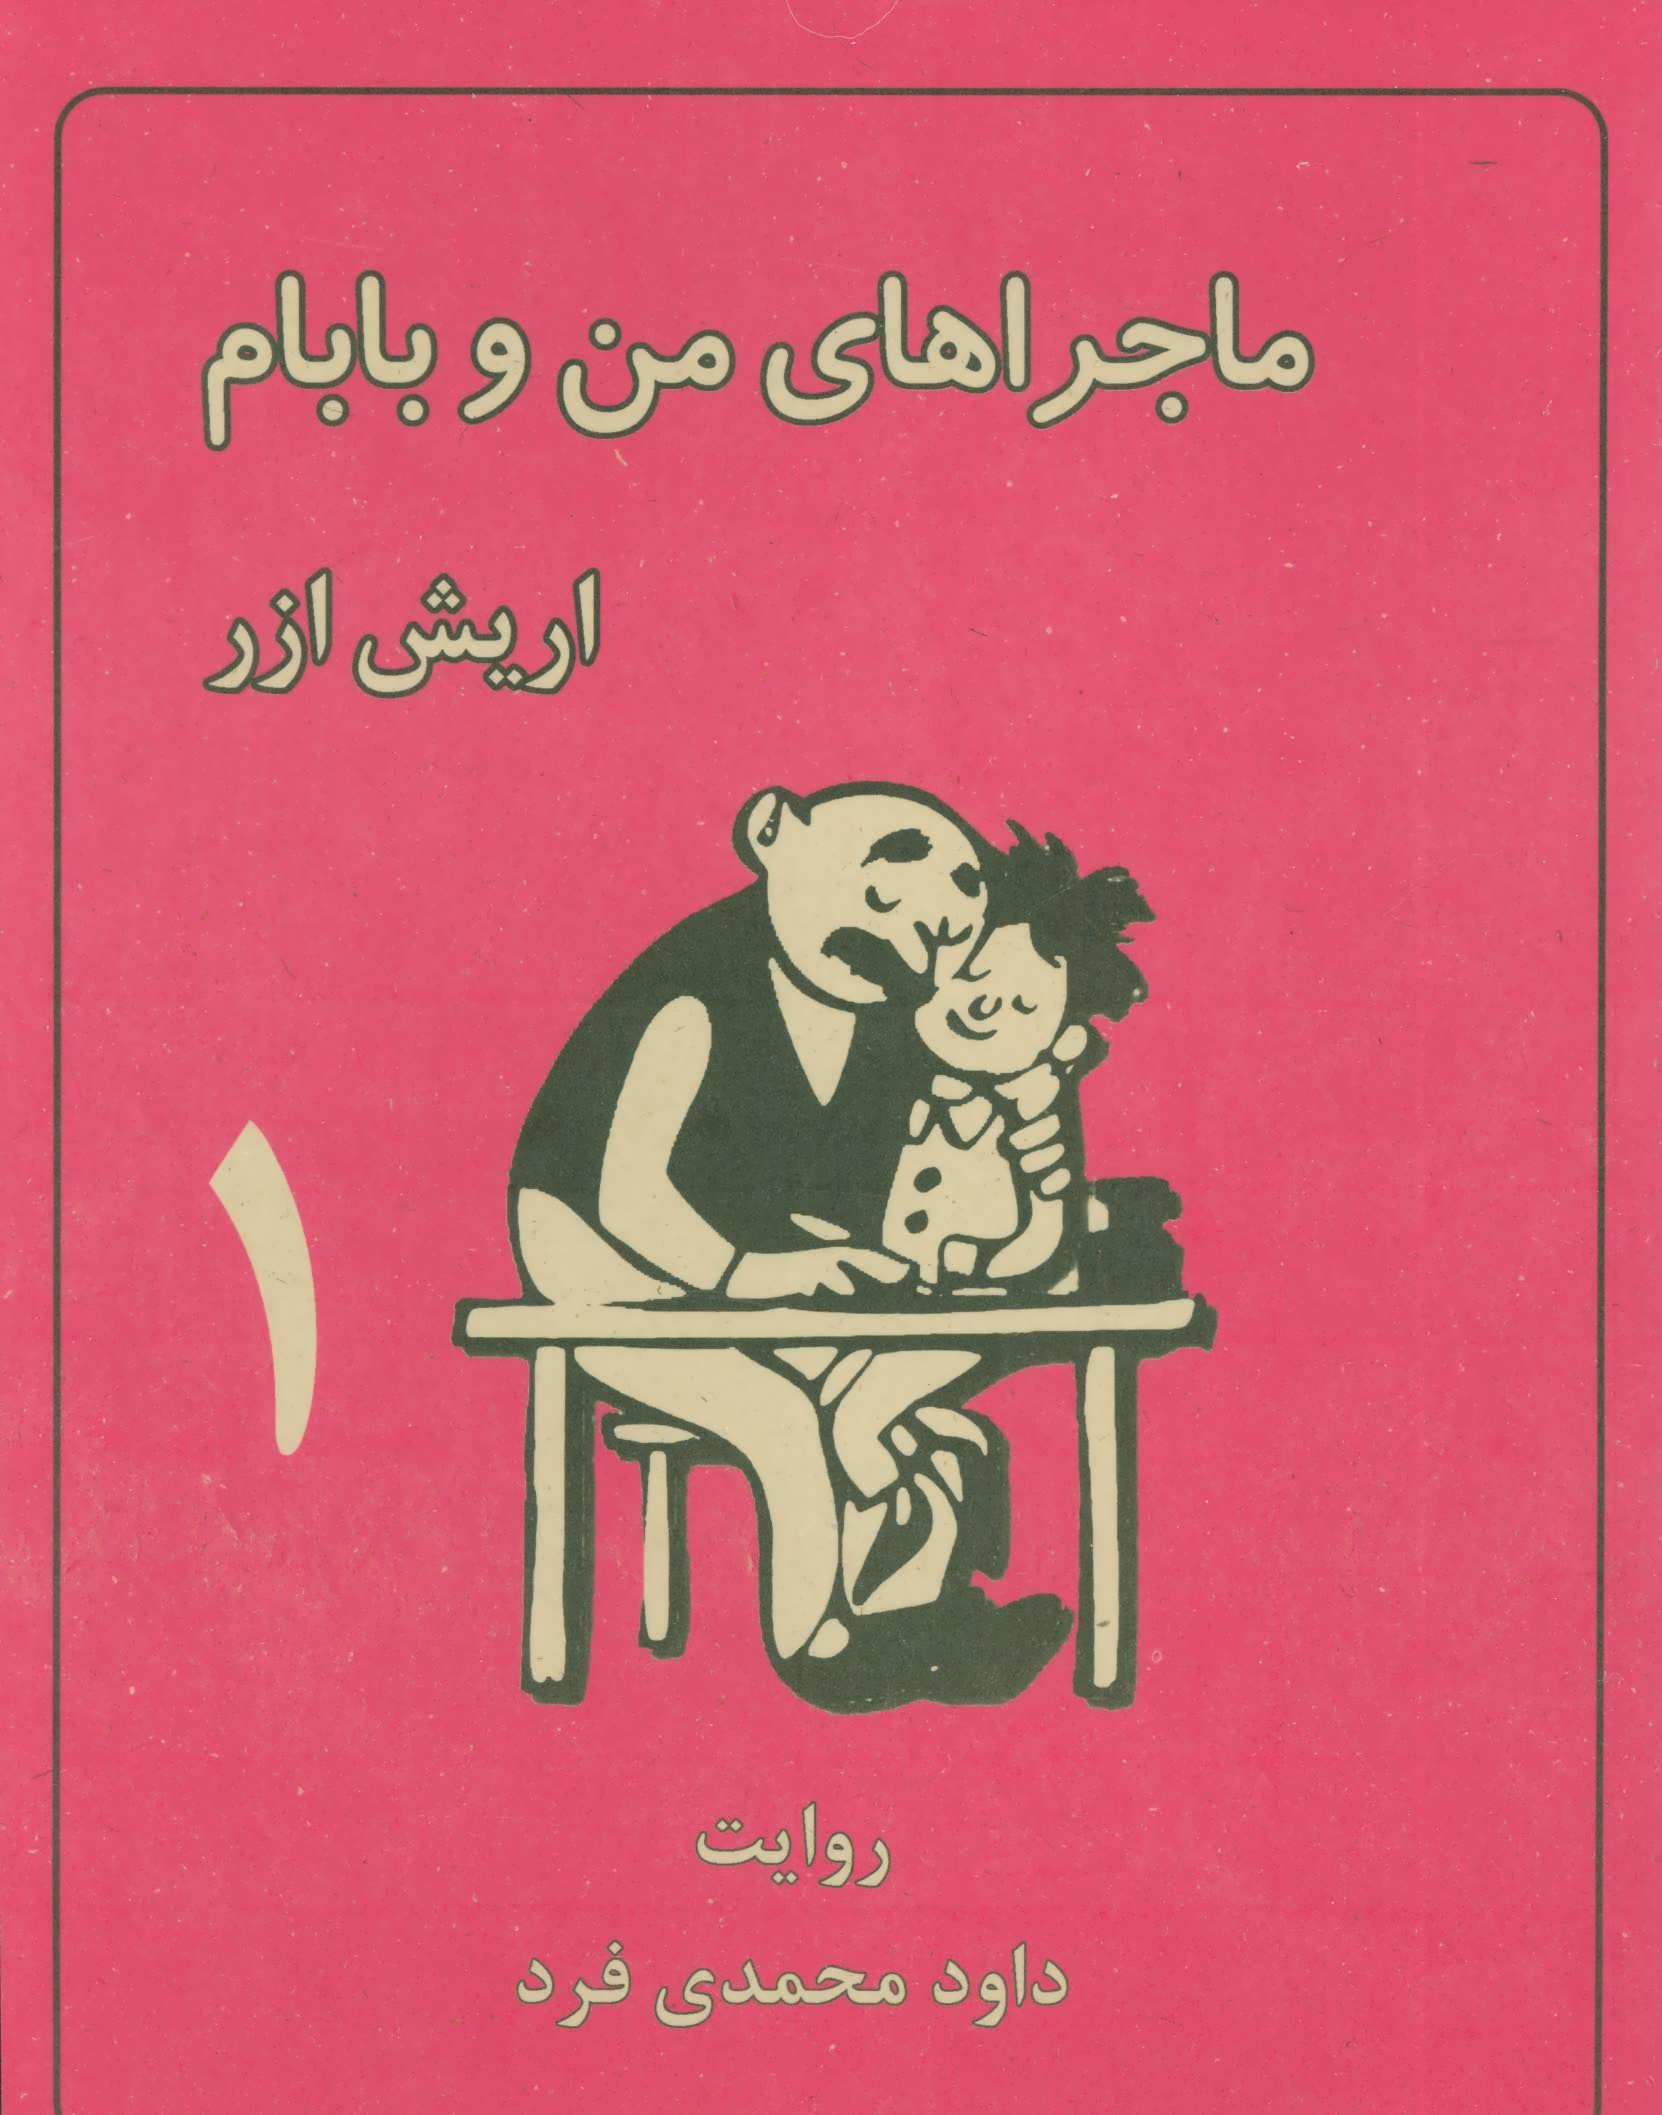 کتاب ماجراهای من و بابام 1